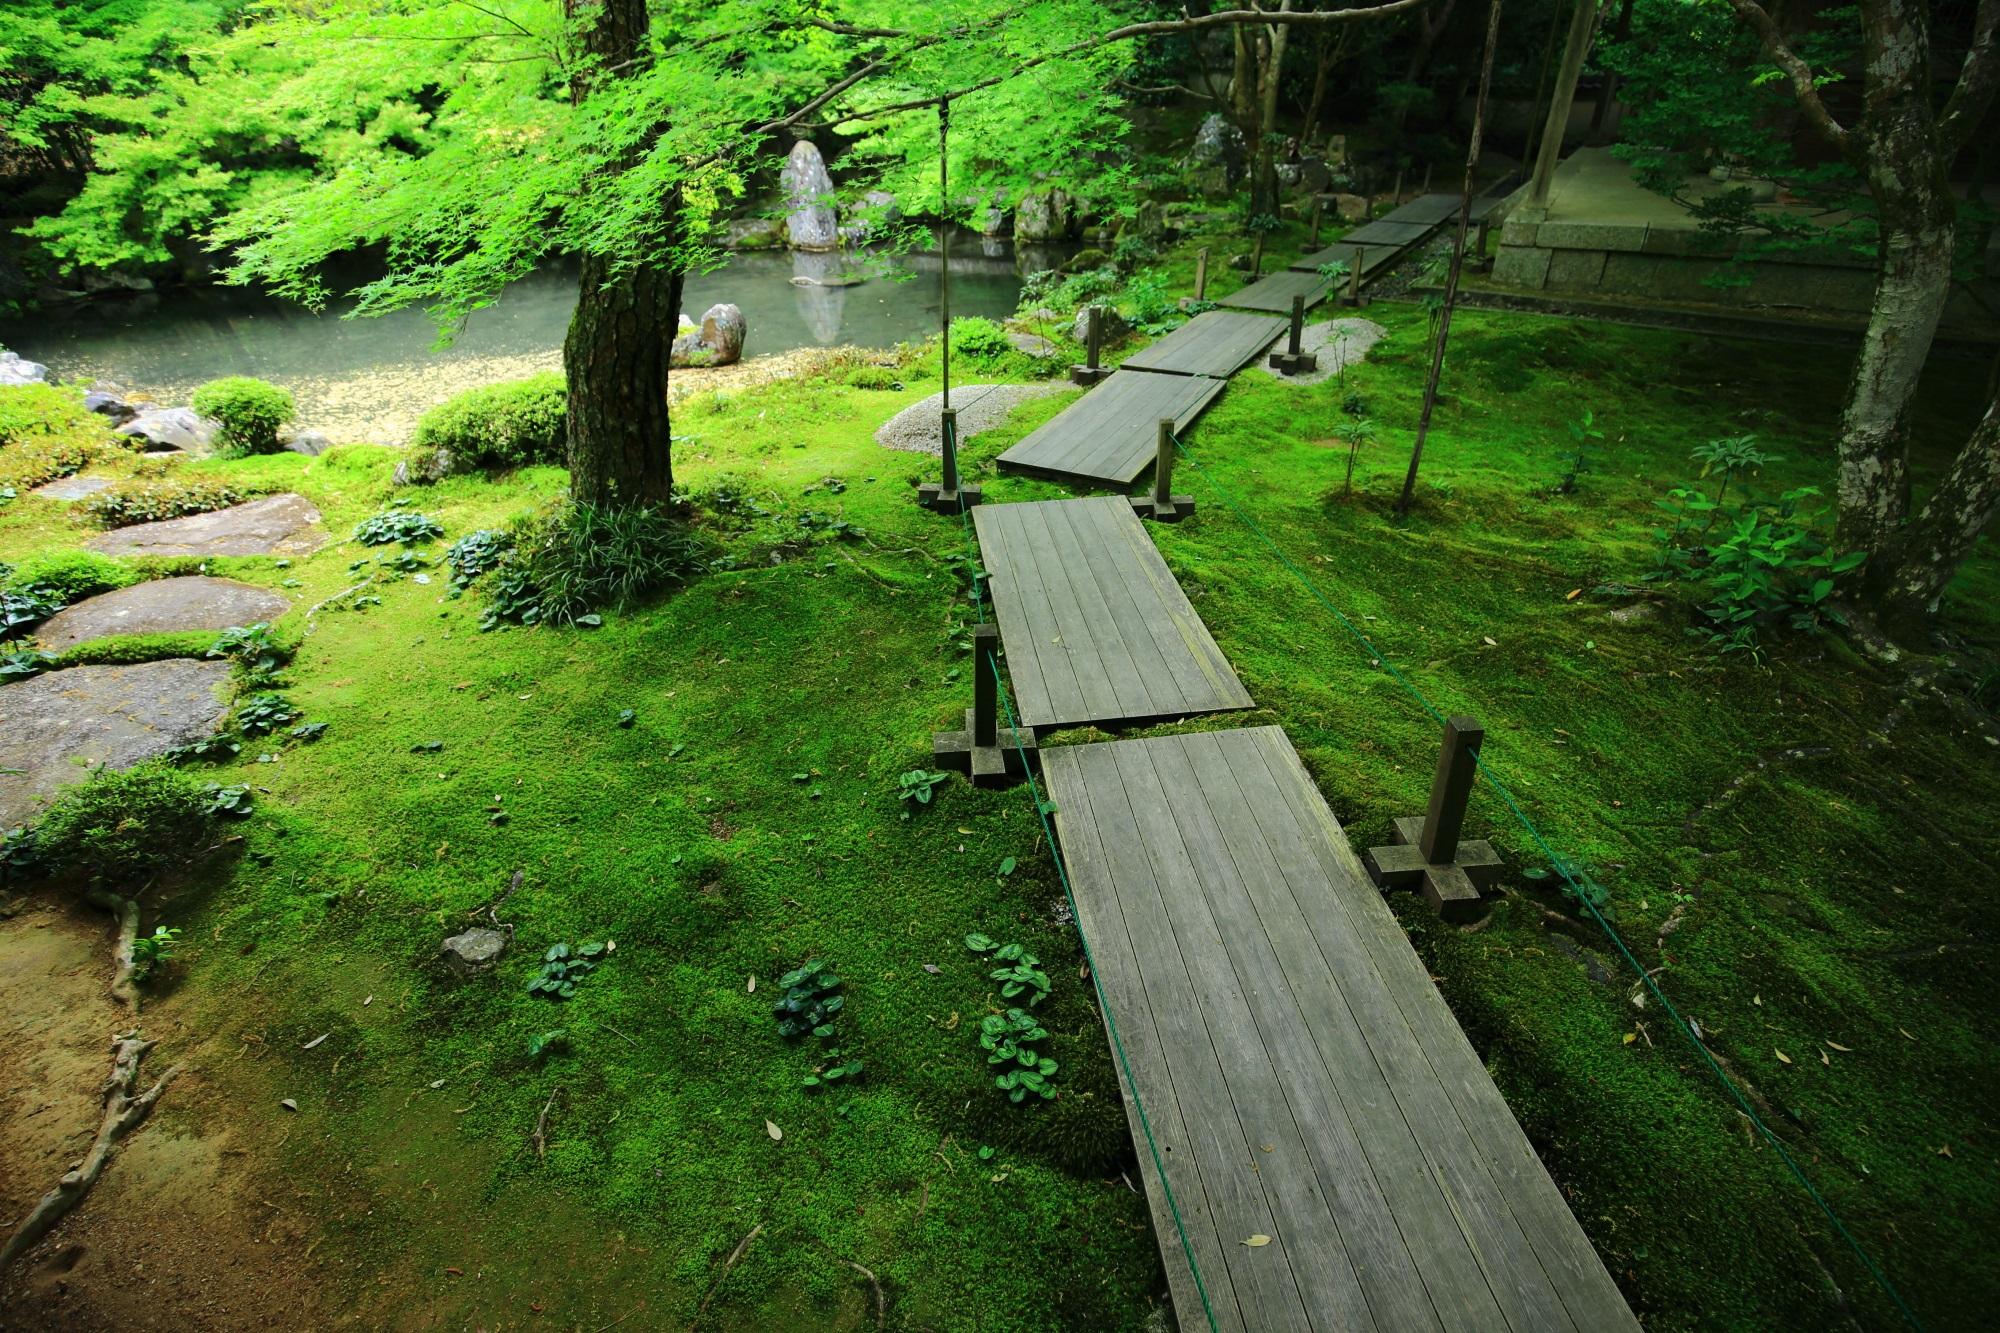 緑の苔と青もみじにつつまれた蓮華寺の庭園